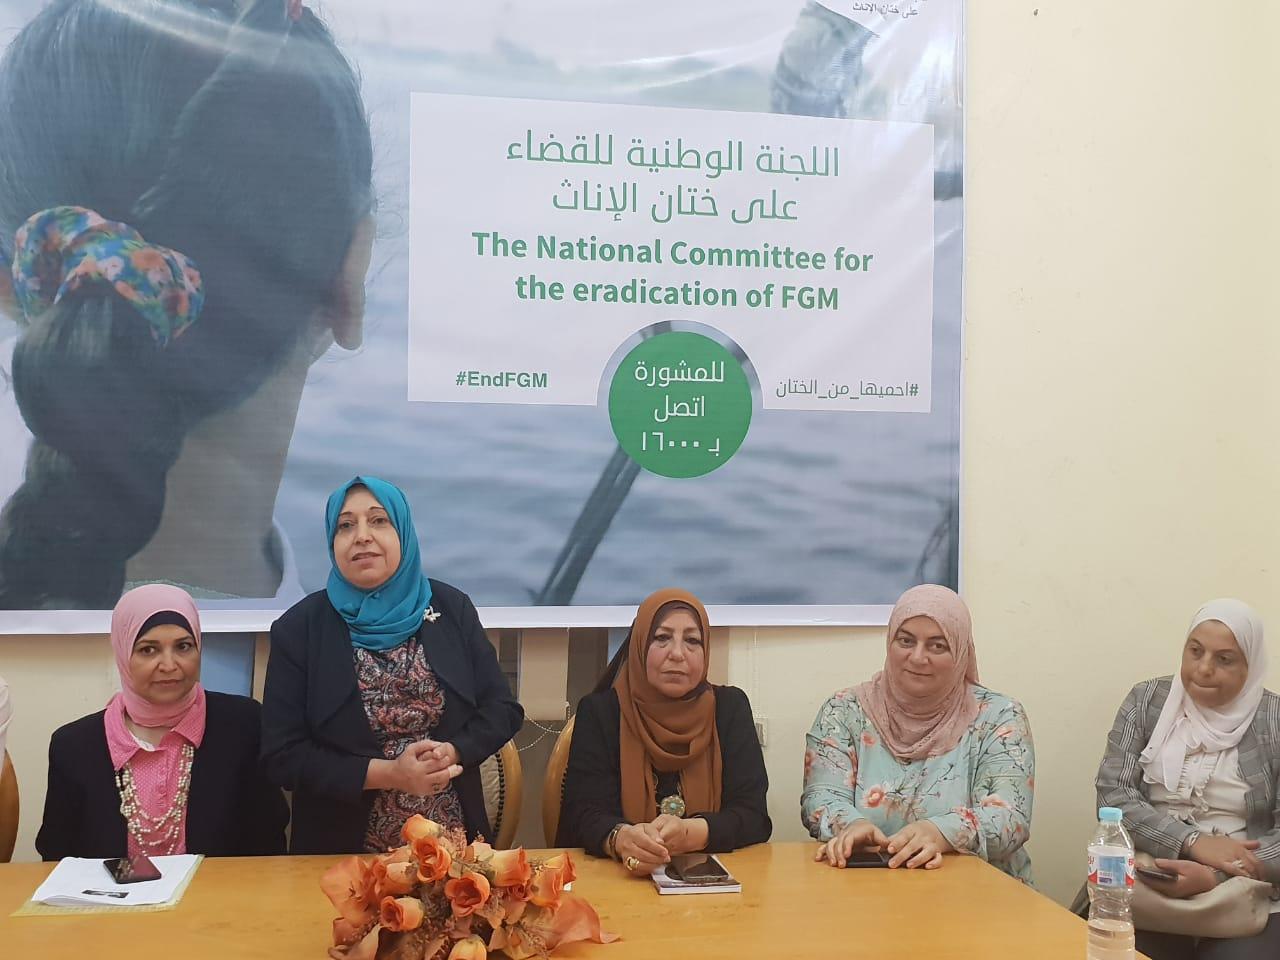 جانب من ندوة فرع المجلس القومي للمرأة بكفر الشيخ عن ختان الاناث  (11)